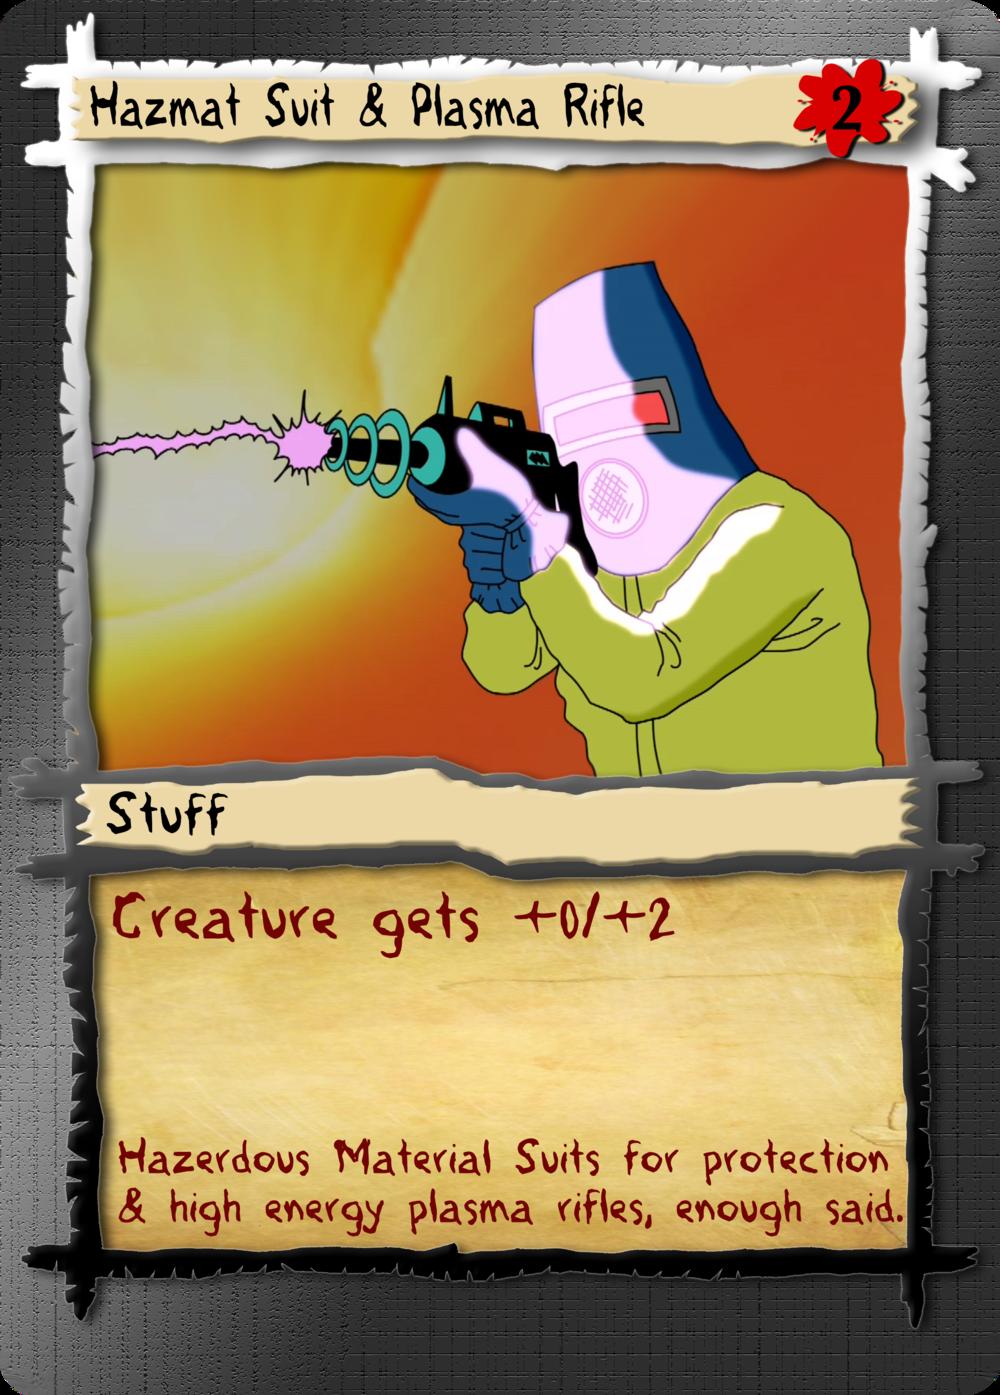 11_Hazmat Suit & Plasma Rifle.png